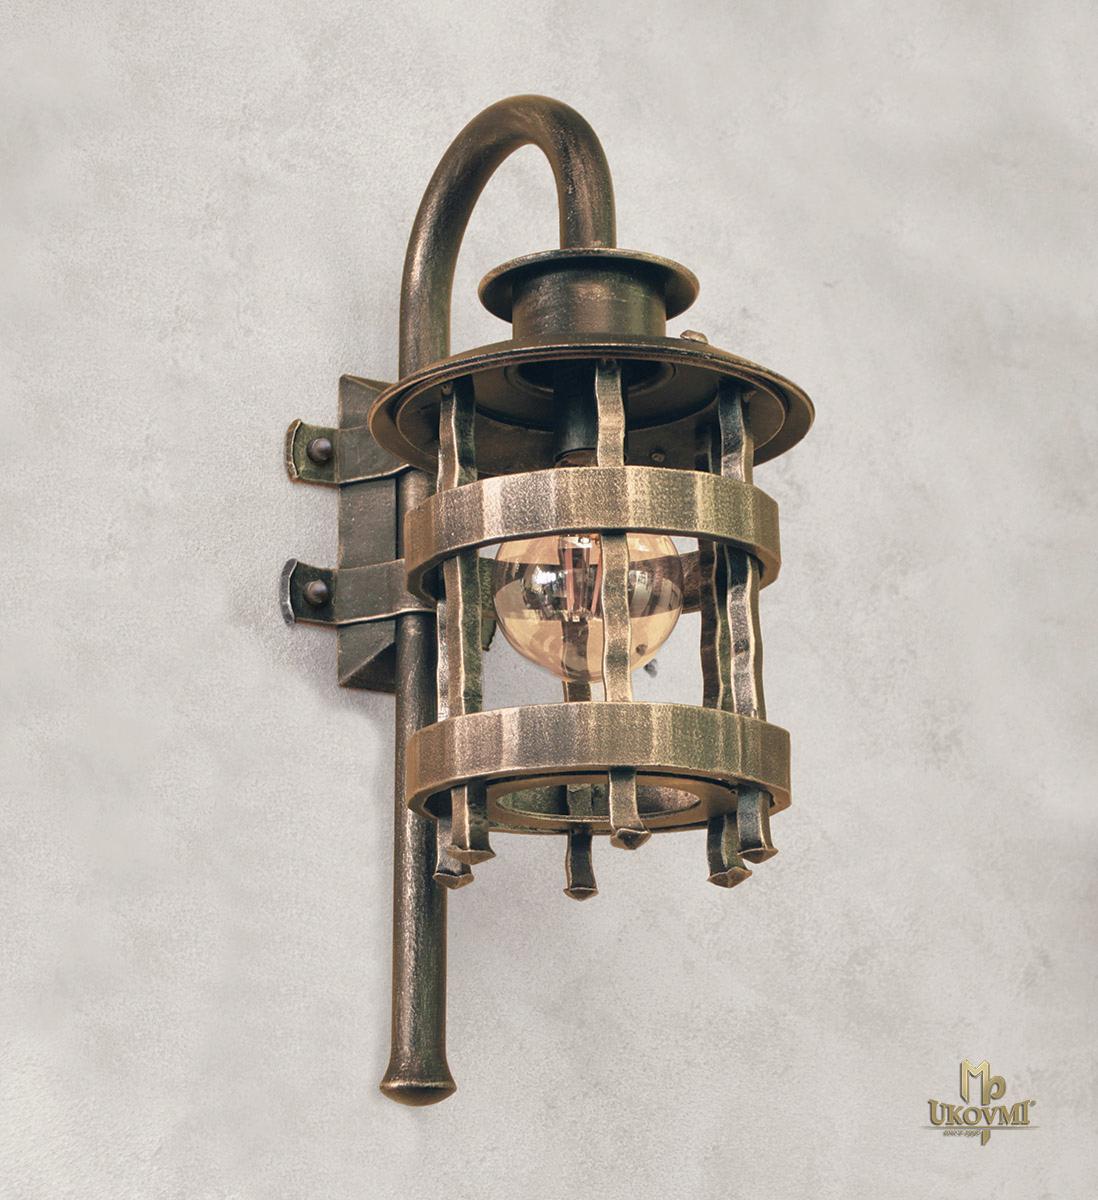 Kované nástenné svietidlo HISTORIK - exteriérová lampa